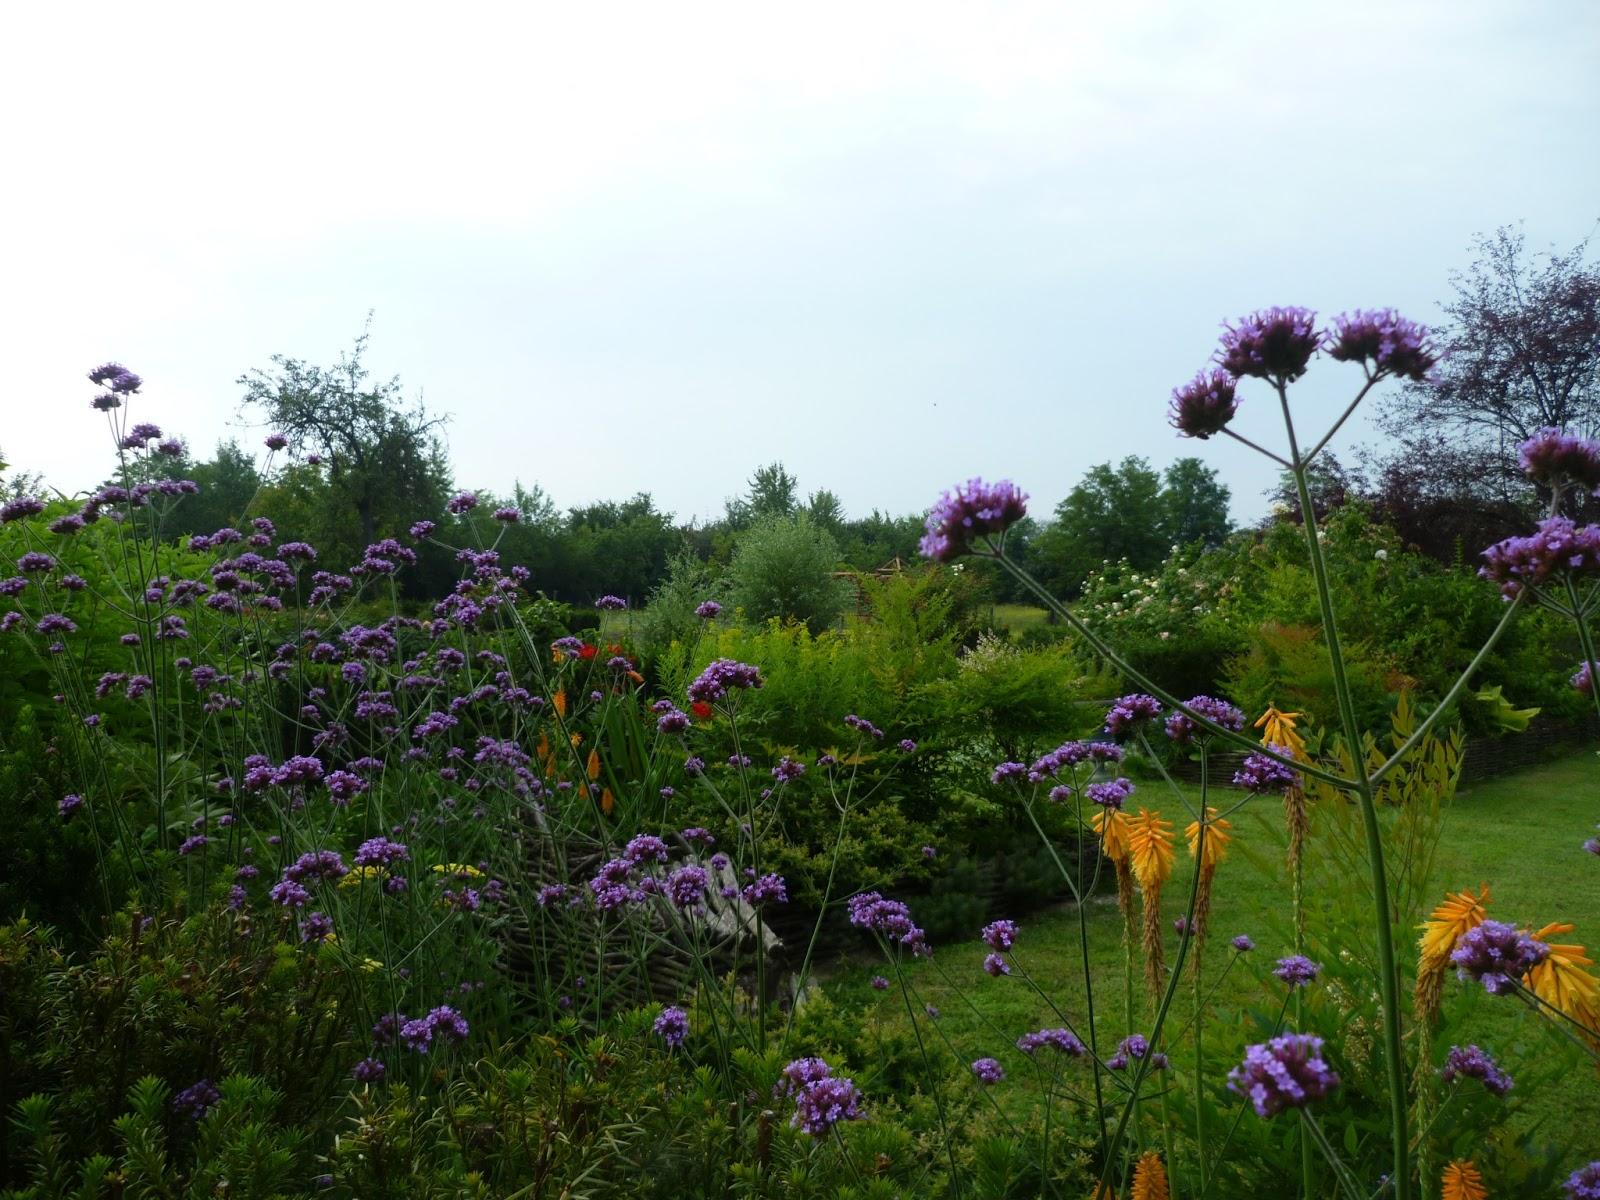 Associazione arte in orto giardino naturale birdgarden - Arte e giardino ...